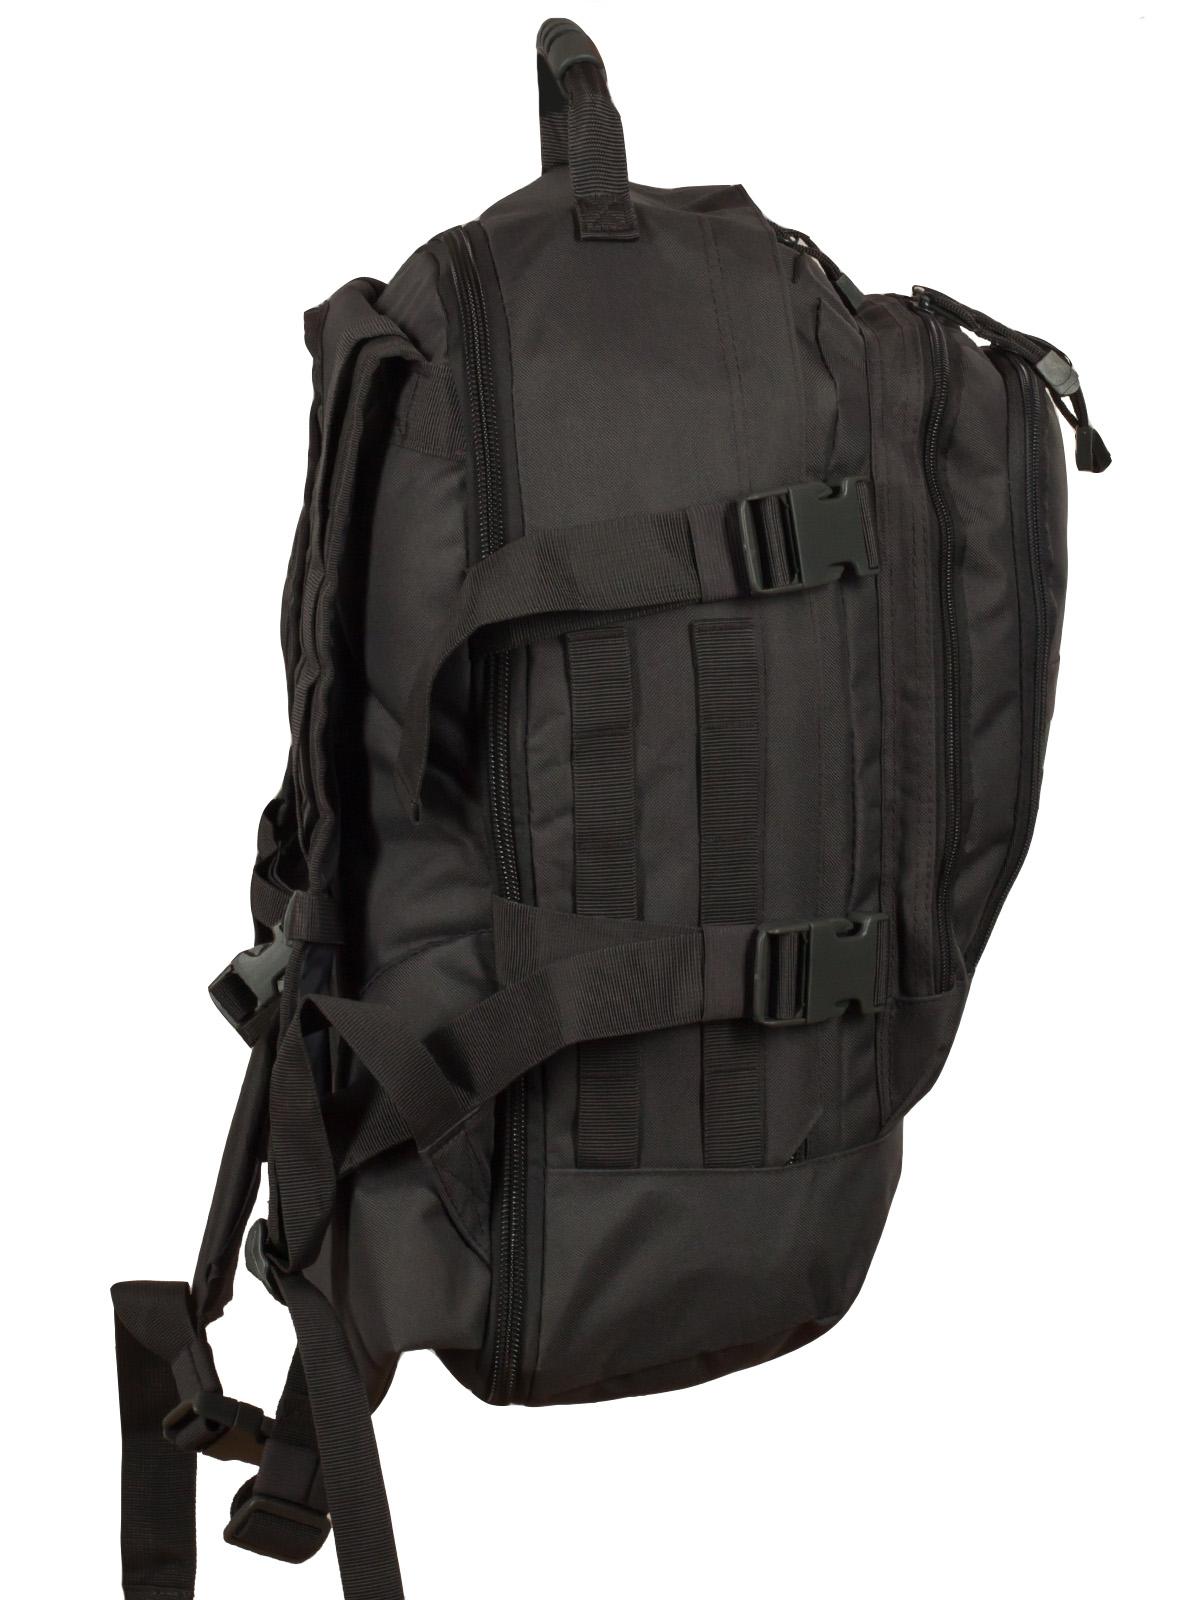 Заказать зачетный рюкзак с эмблемой МВД России